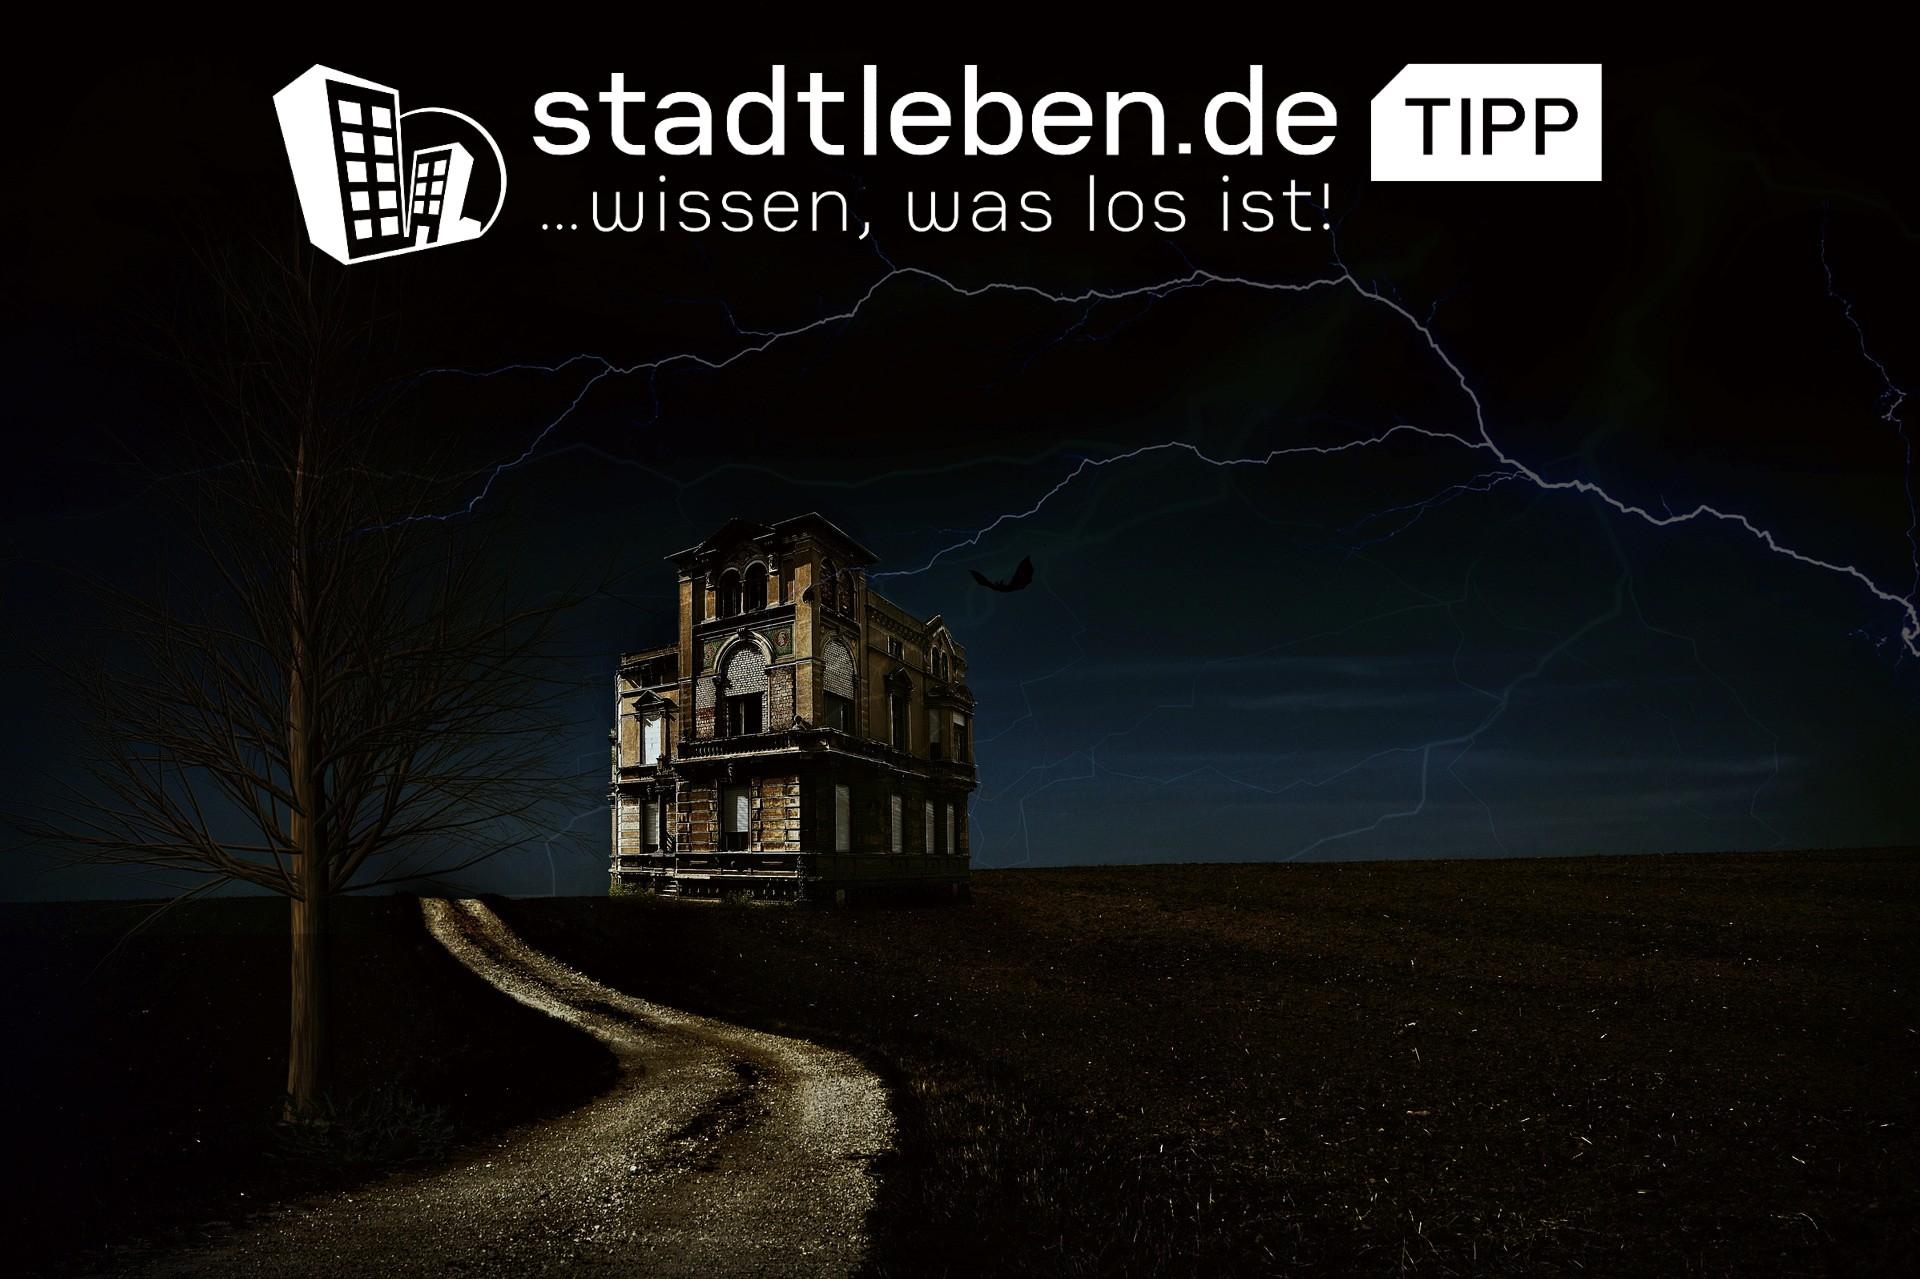 Haus, Ruine, Dunkel, Nacht, Baum